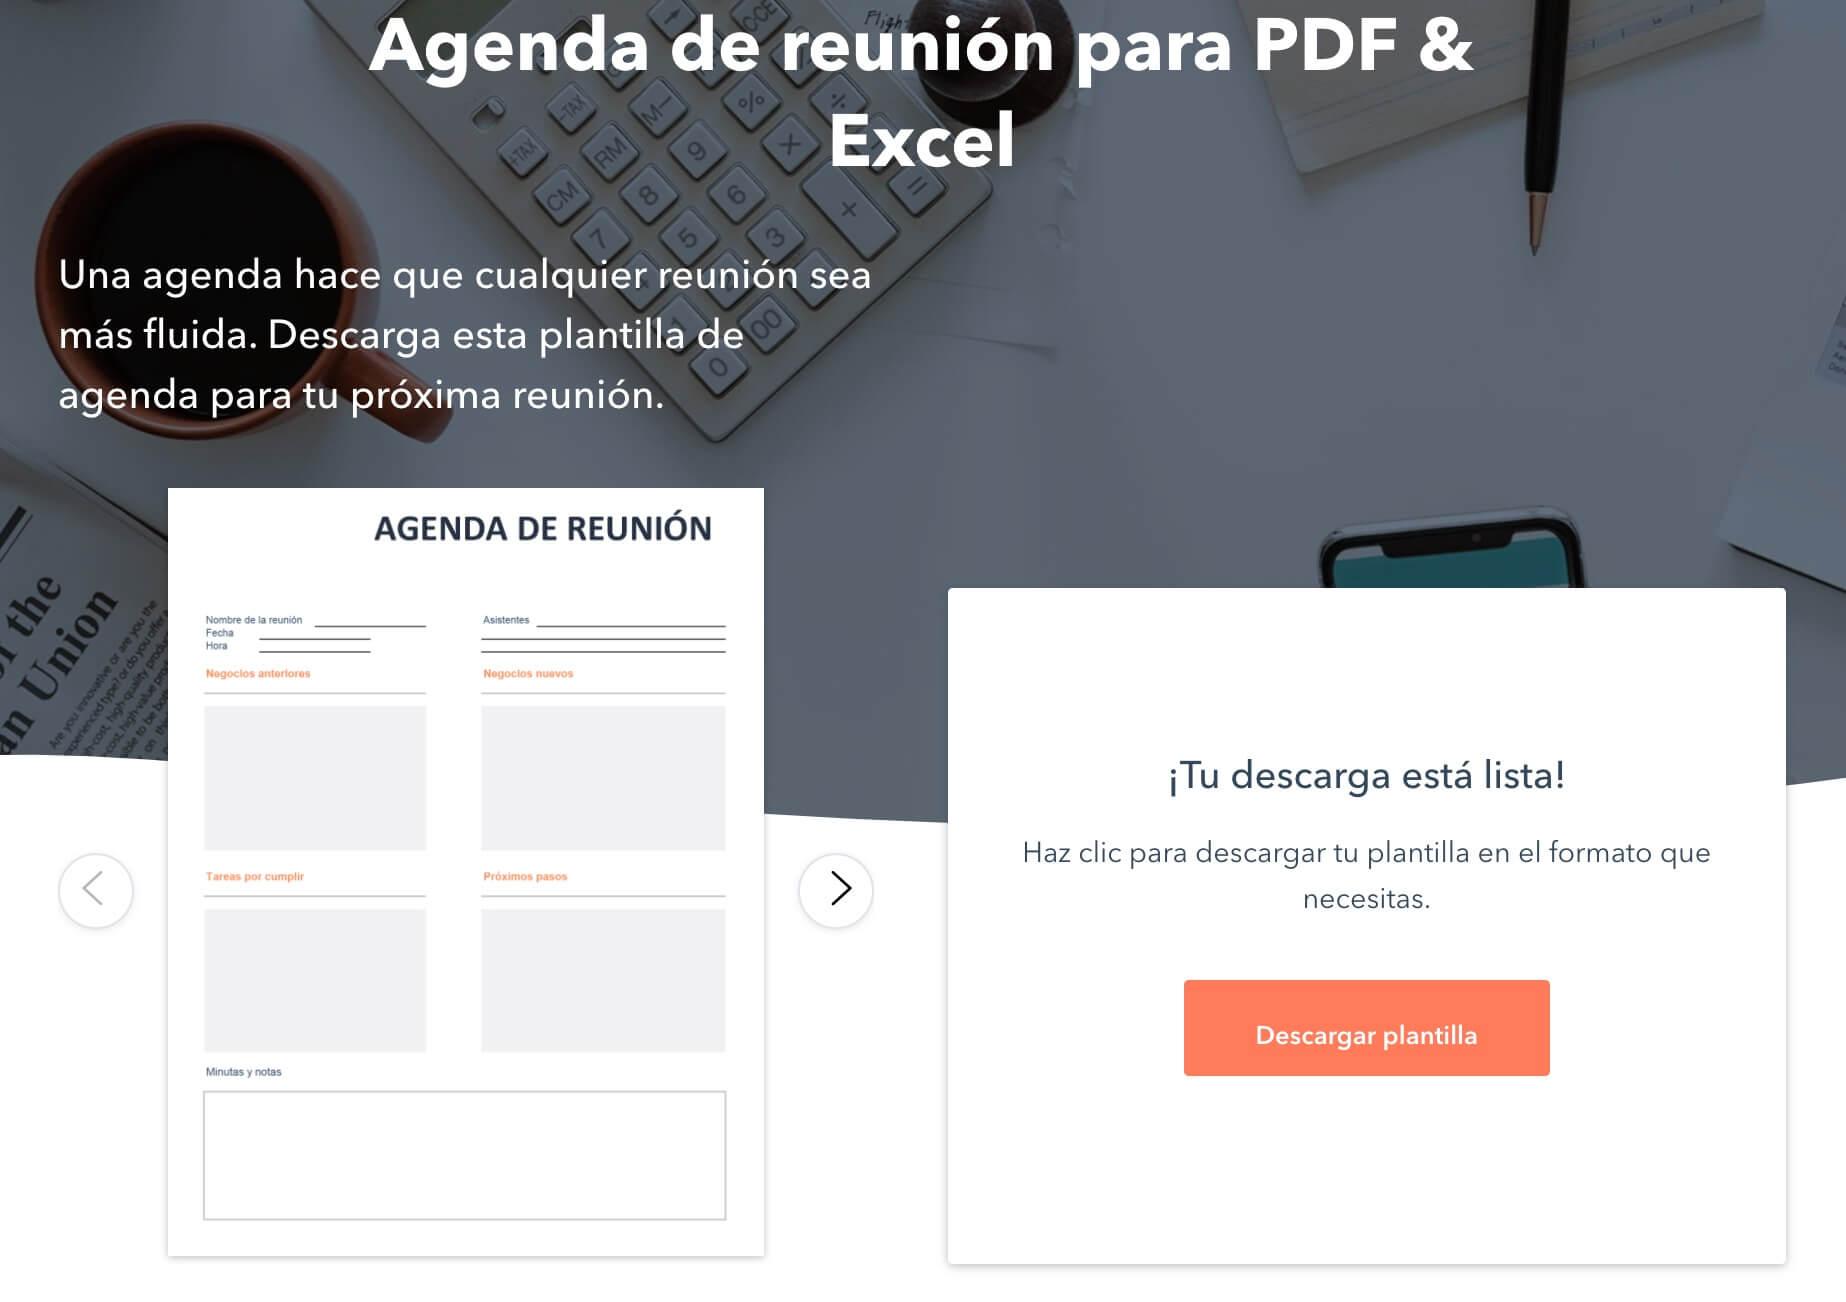 Llena el formulario para descargar la plantilla de agenda de reunión de HubSpot